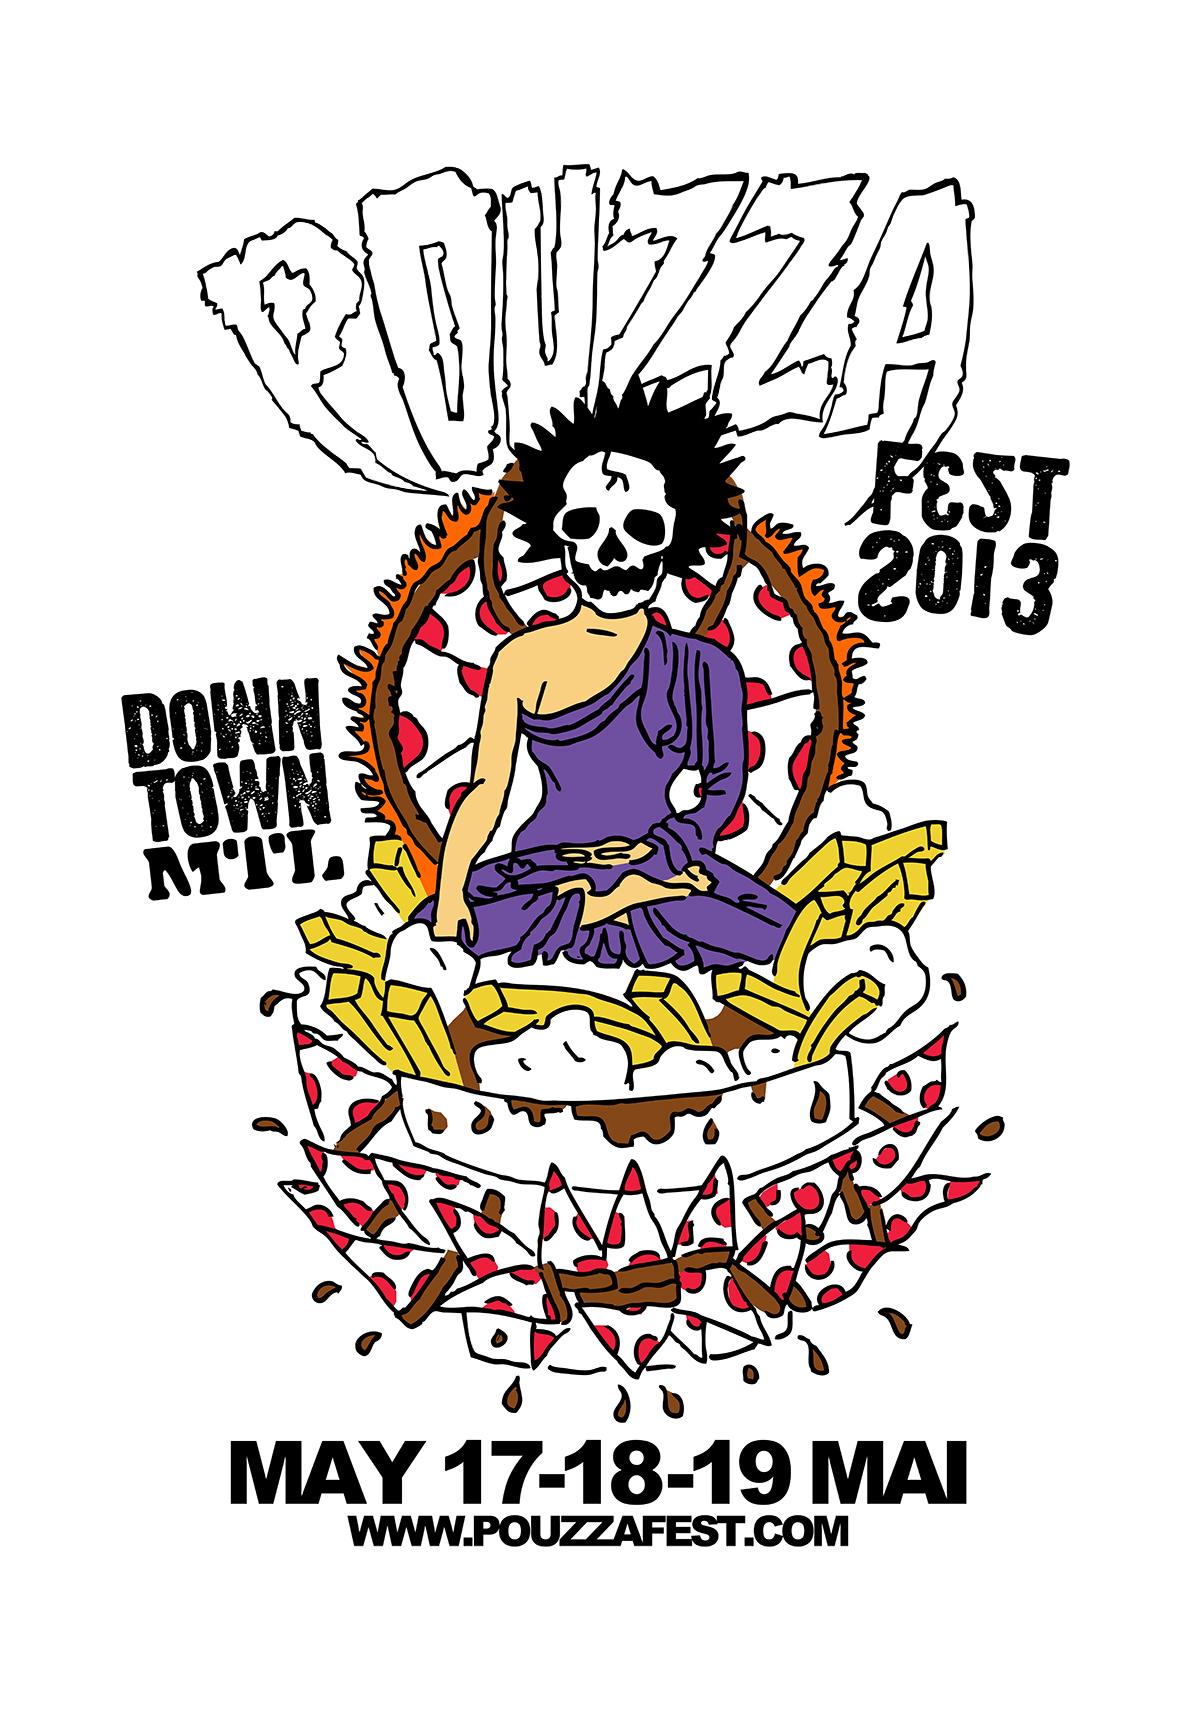 Le Pouzza Fest IV